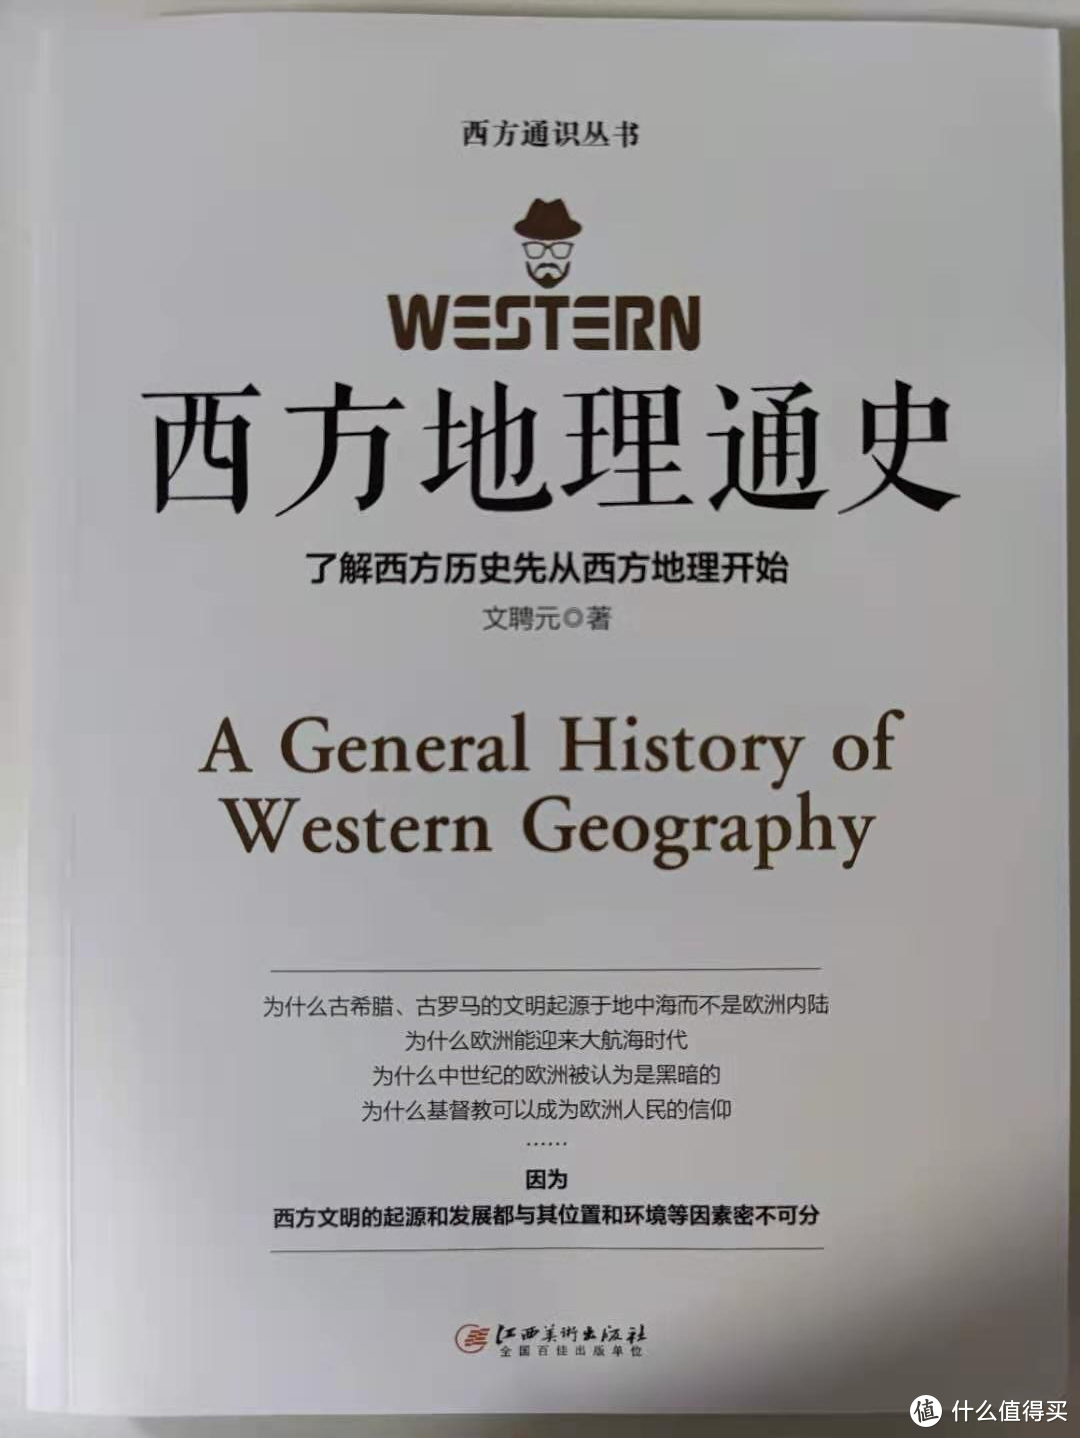 我的读书笔记——《西方地理通史》(上)